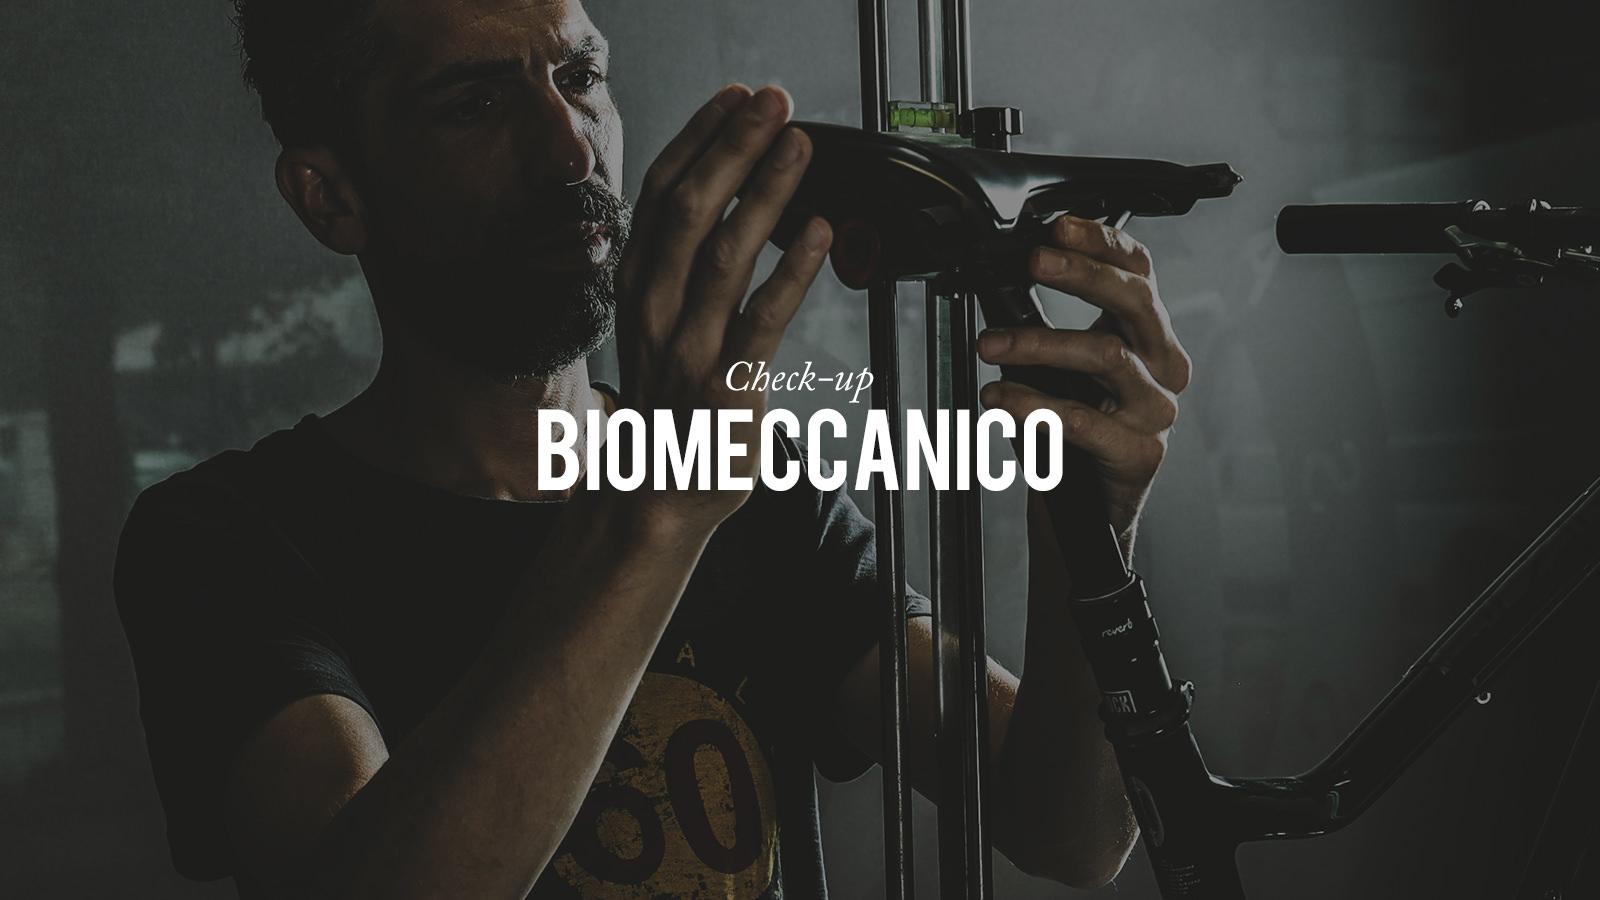 Check-up Test Biomeccanico Sessantallora